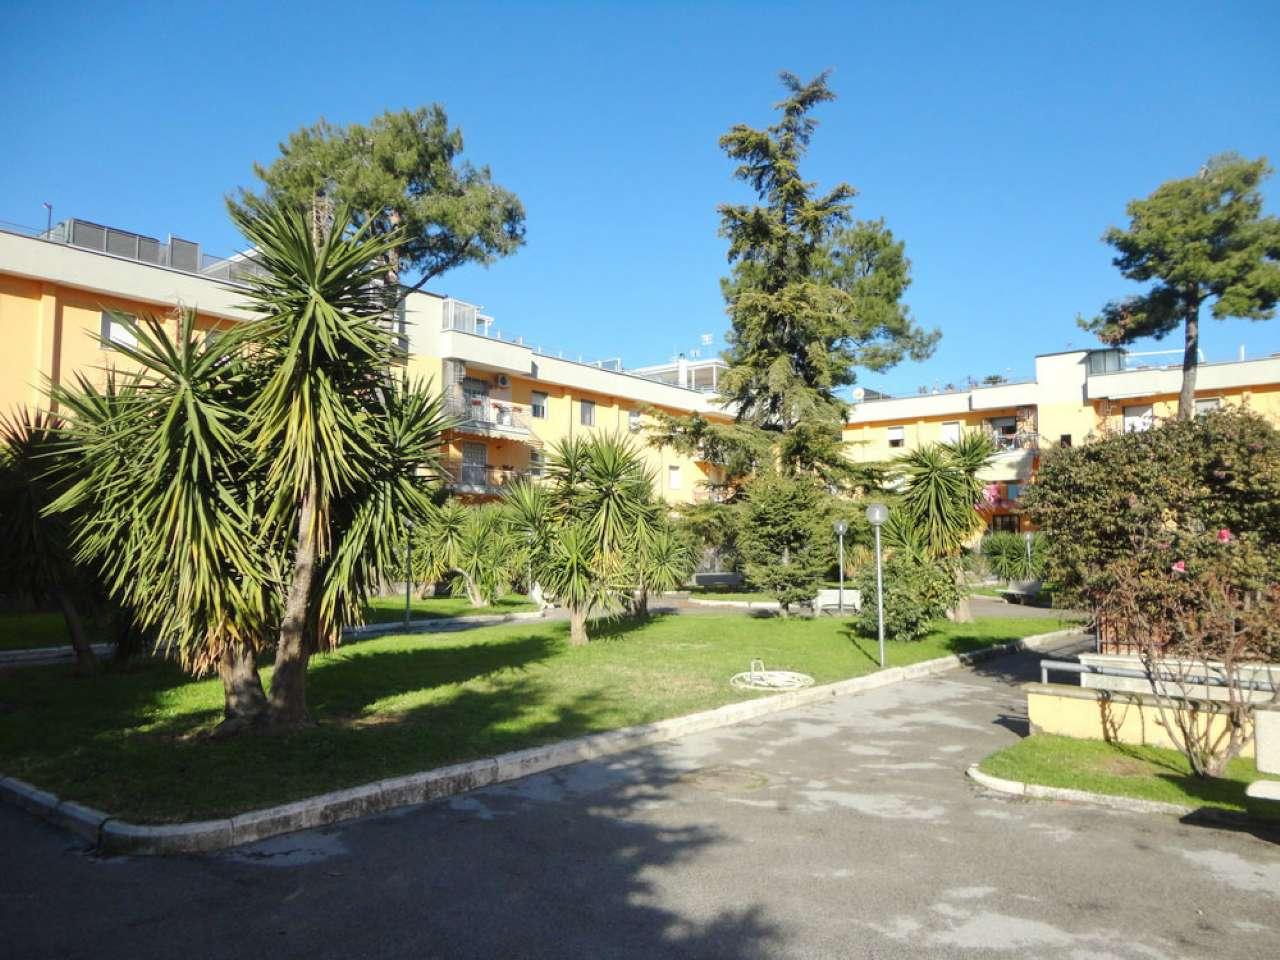 Appartamento in vendita a Ercolano, 4 locali, prezzo € 220.000 | Cambio Casa.it